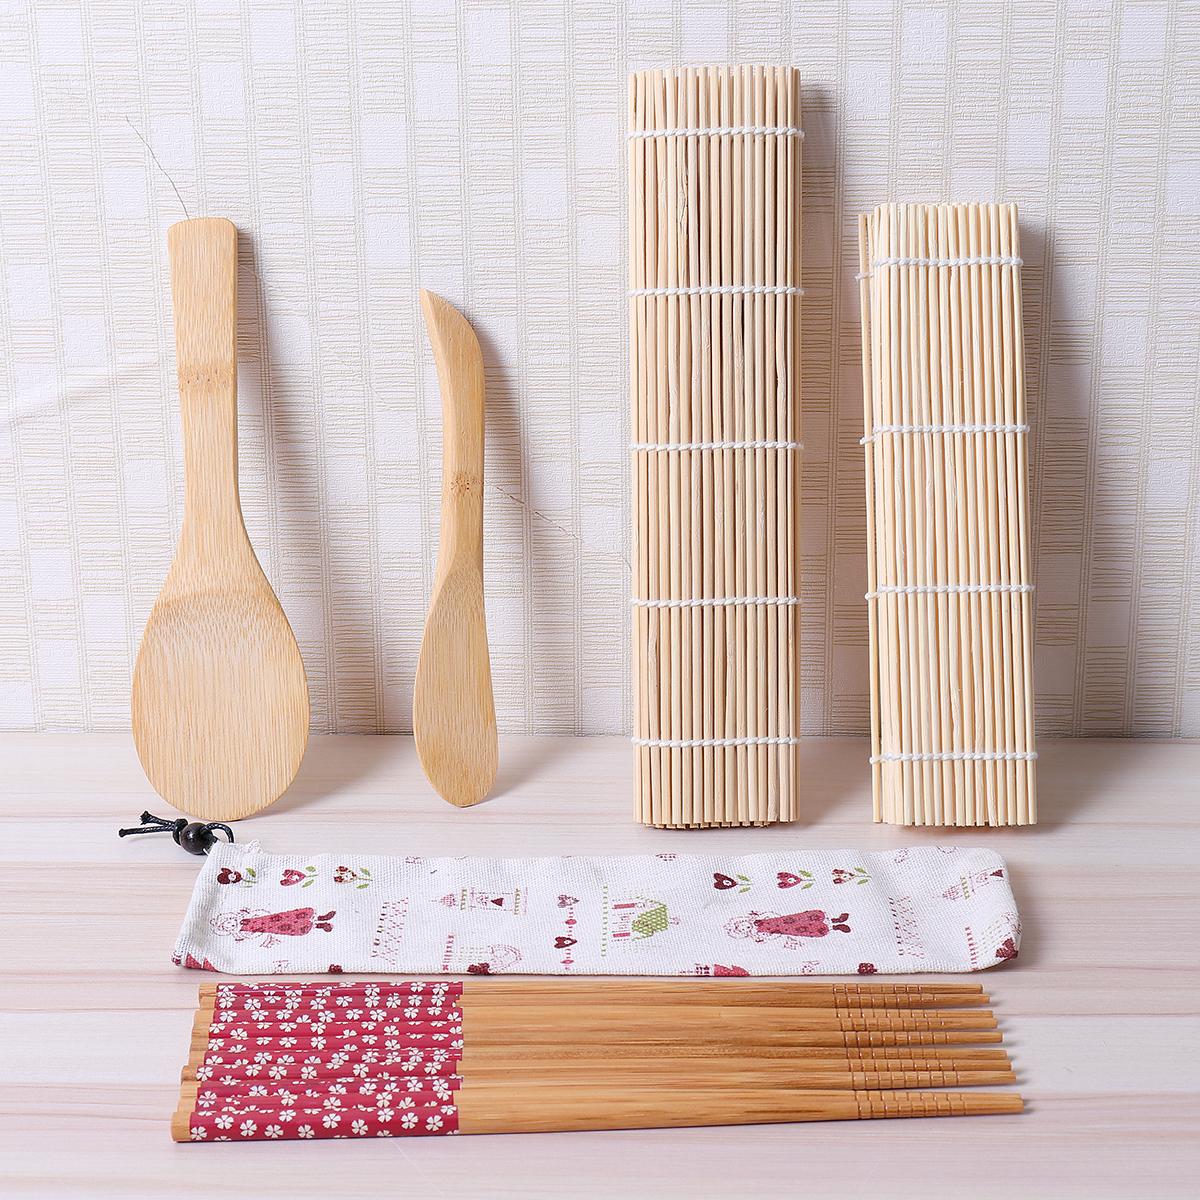 Кухонные ножи и прочие приборы Горячие 9pcs / set sushi roller bamboo mat spoon палочки для приготовления пищи (Фото 5)